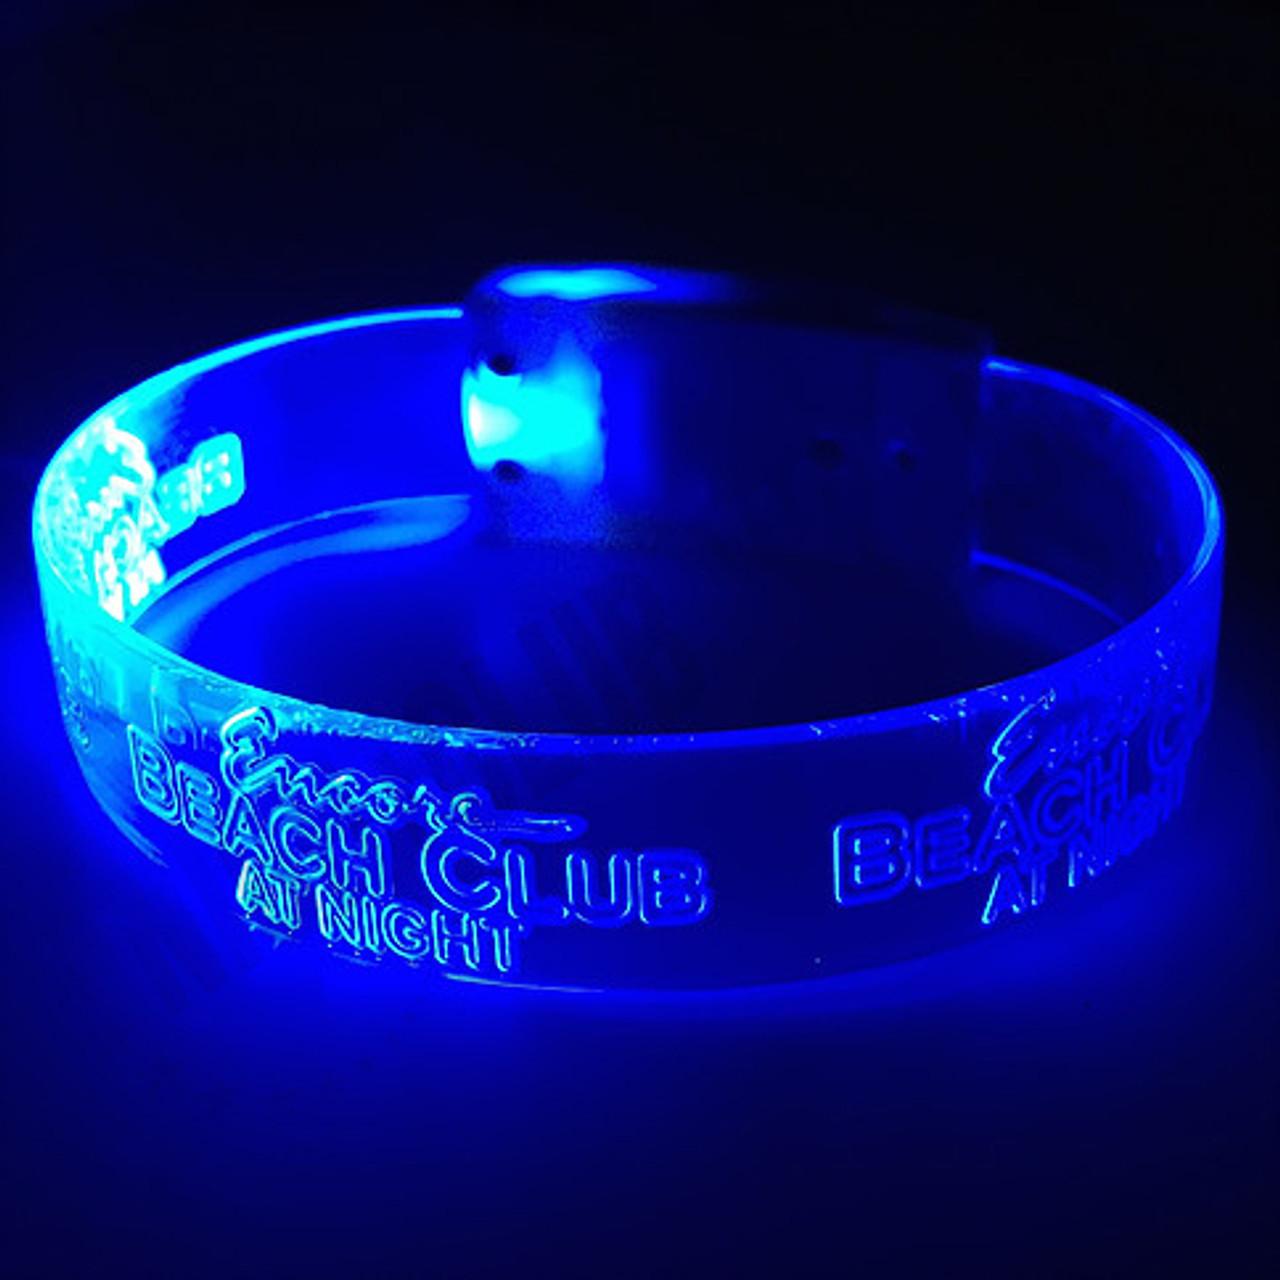 LED, wristband, wholesale, pricing, bulk, LED Bands, Band, personalized, custom, brandingLED, bride, groom, Light up, Light, Iluminated, Glow, Wristband, wrist Band, Bracelet, Band, Personalized, Custom, LED Wristband